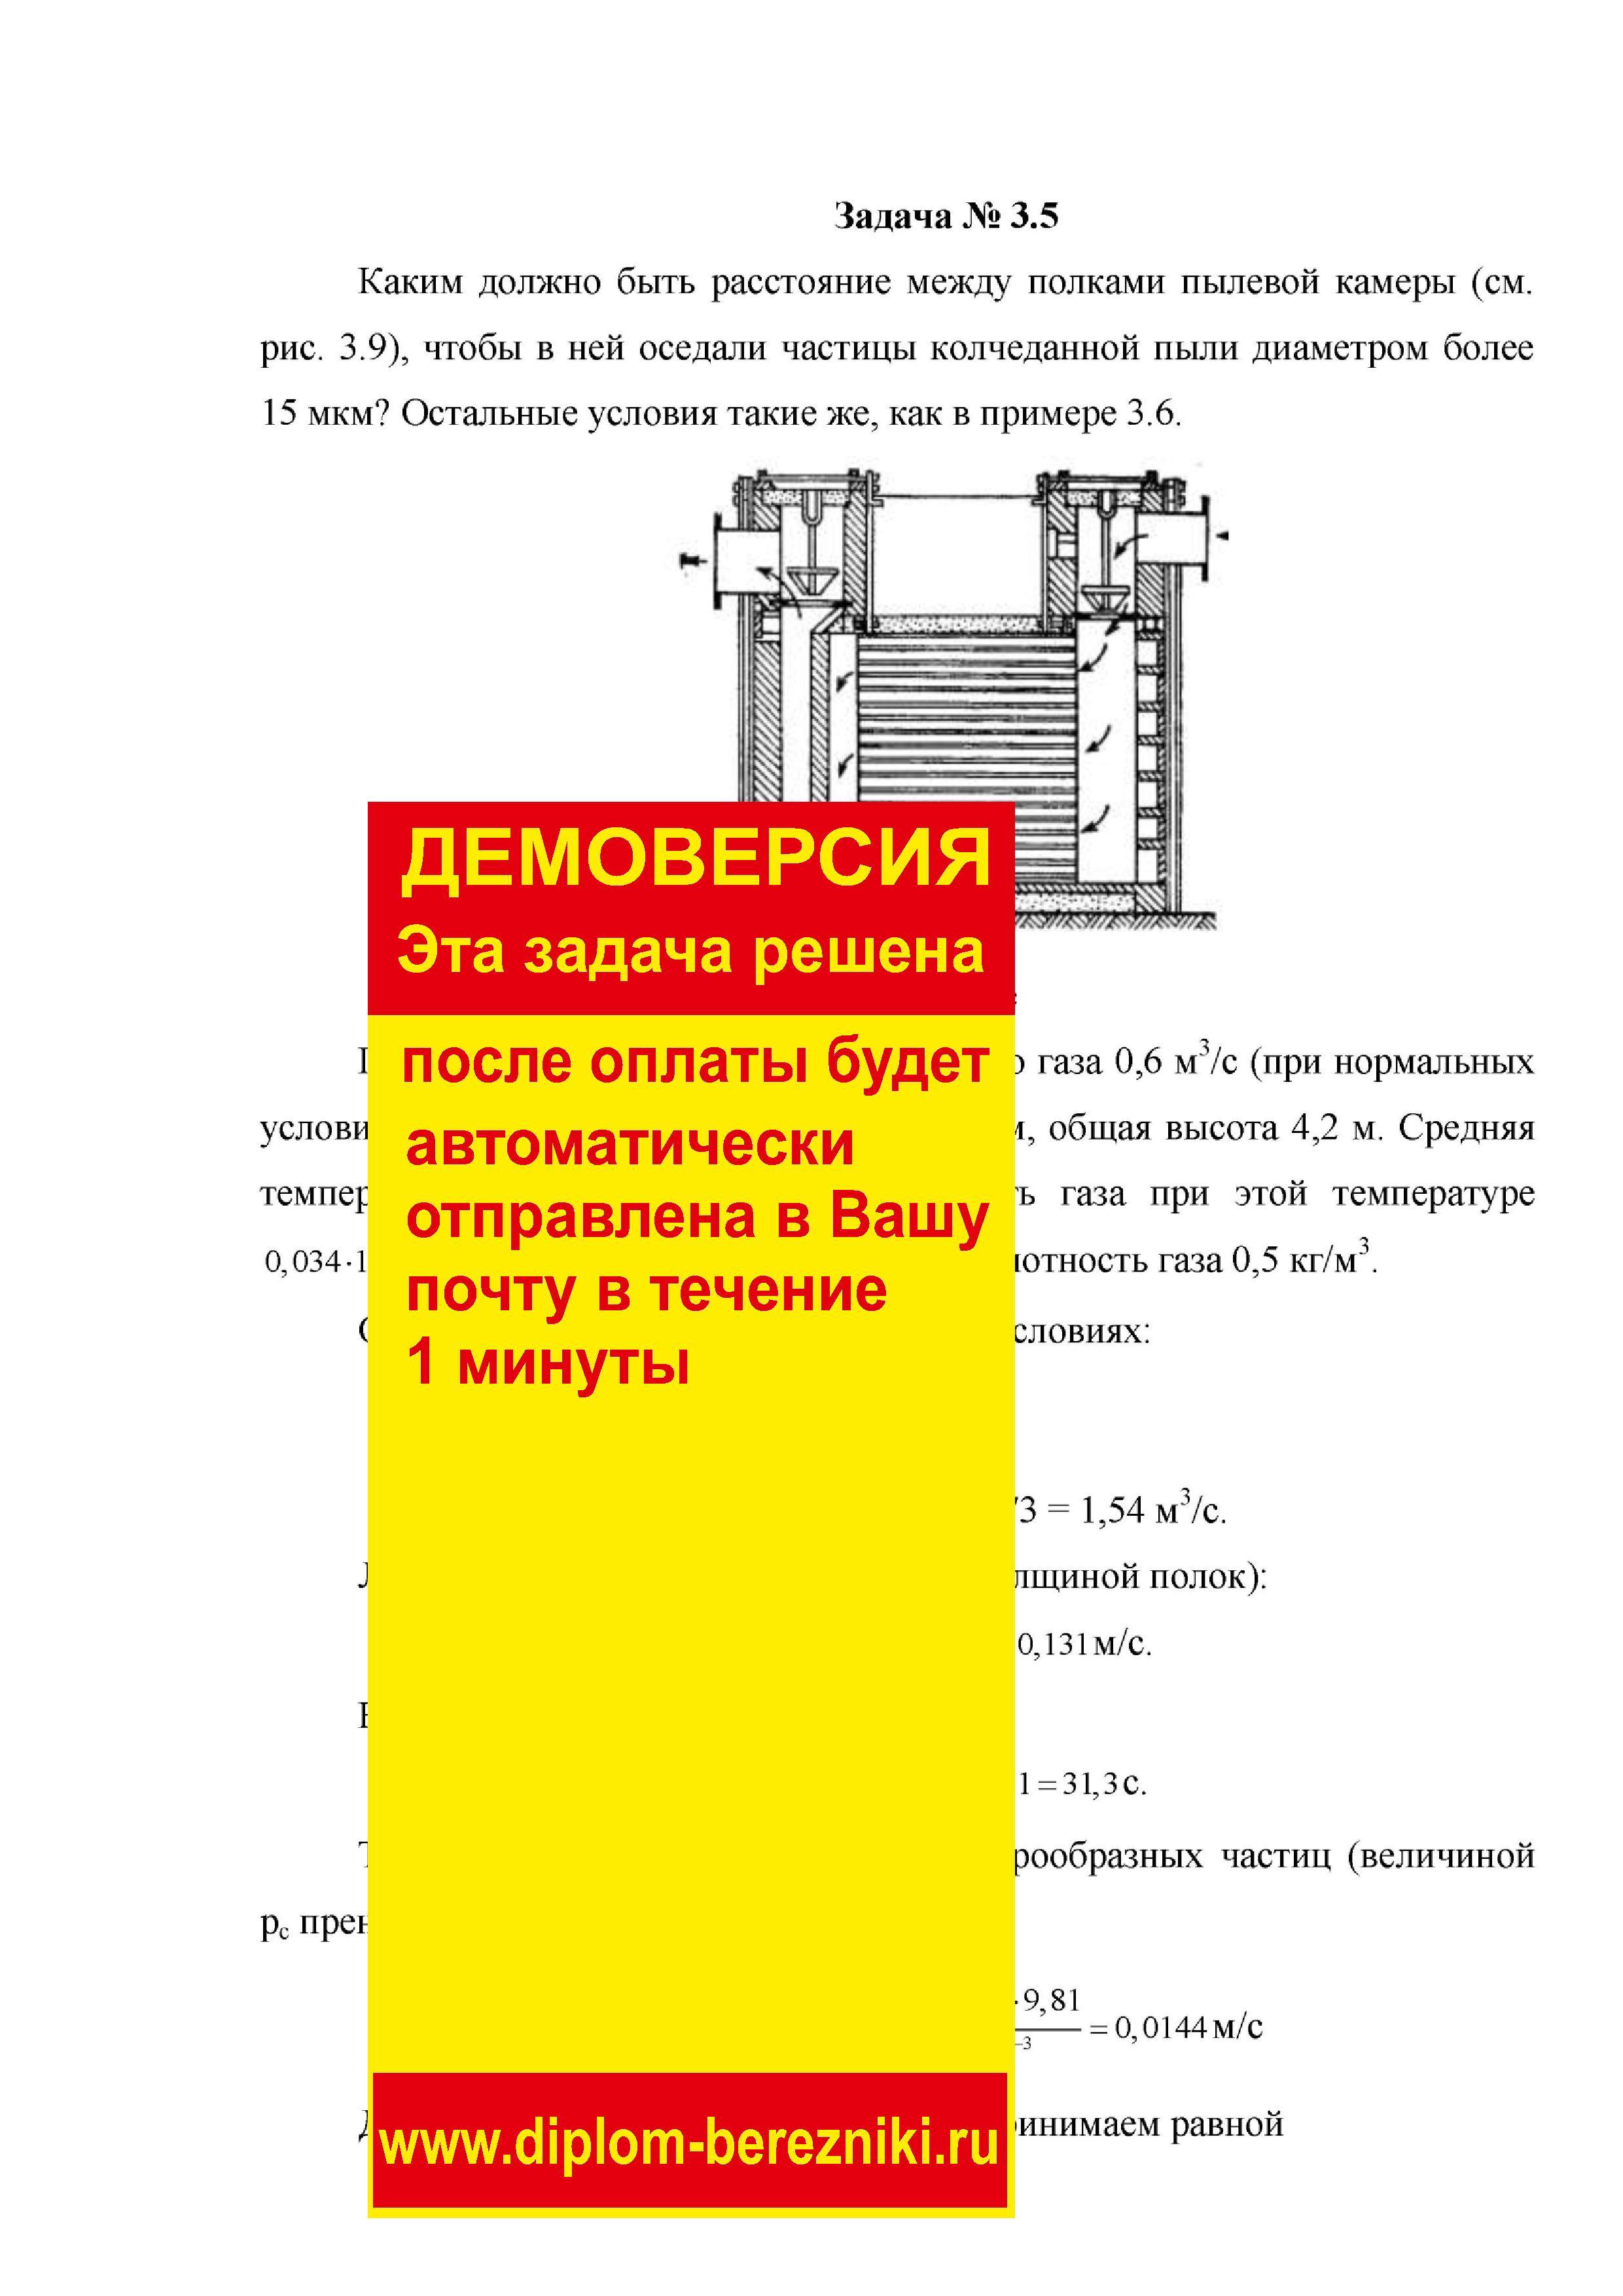 Решение задачи 3.5 по ПАХТ из задачника Павлова Романкова Носкова